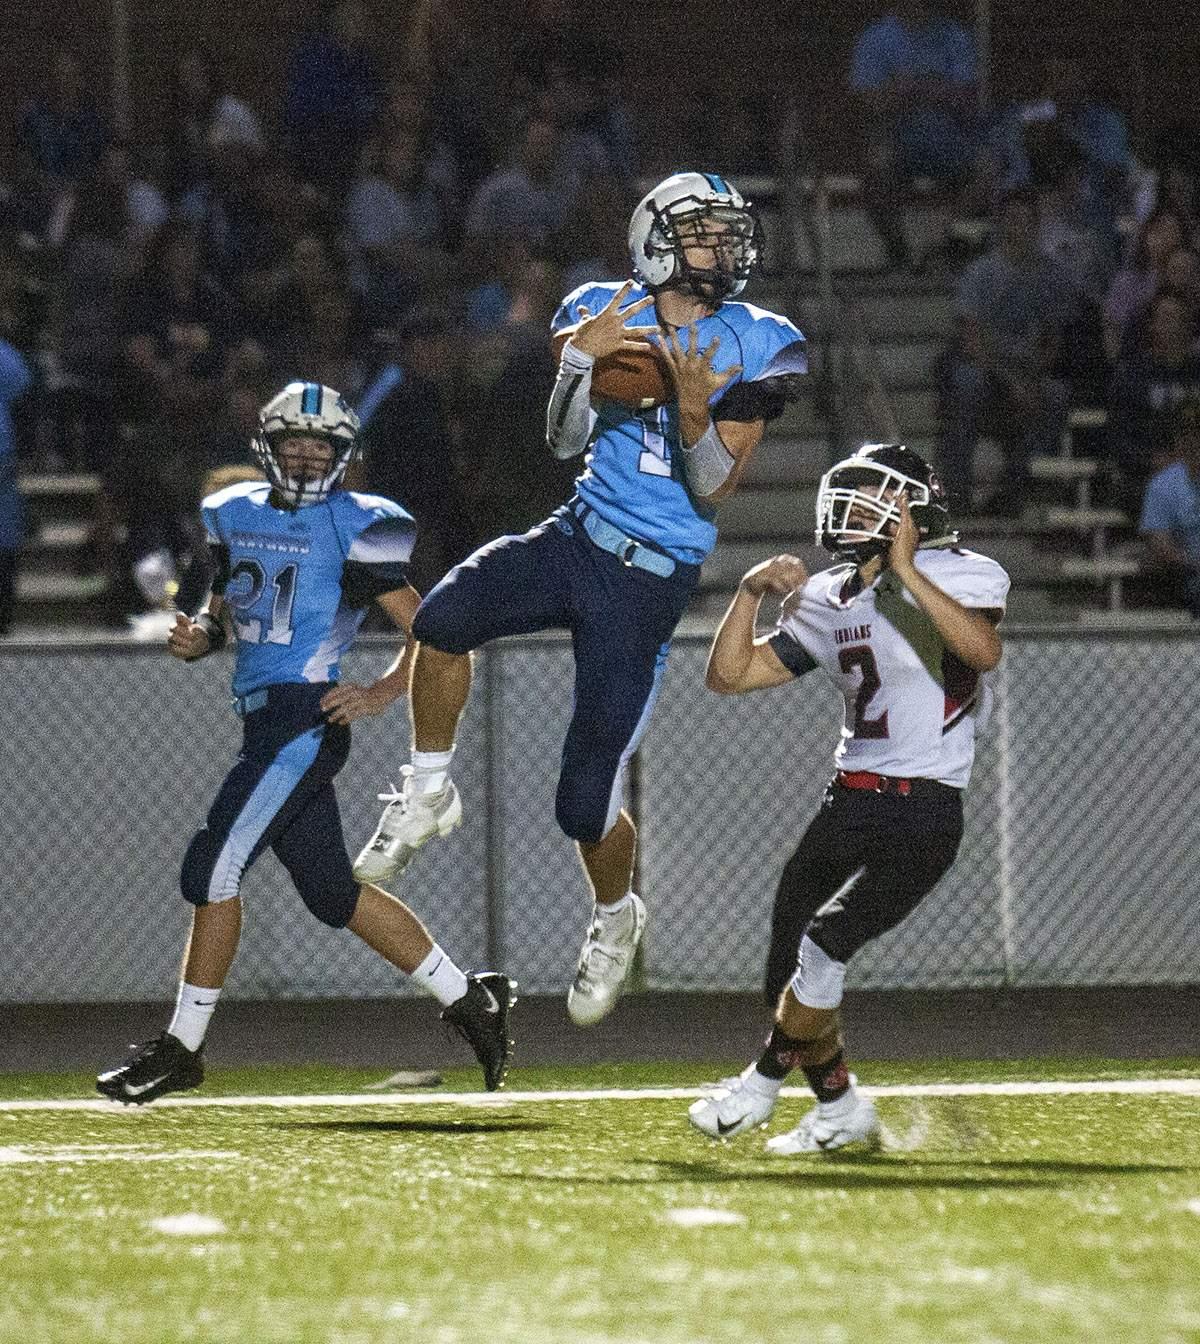 Lucas Downard makes a catch.